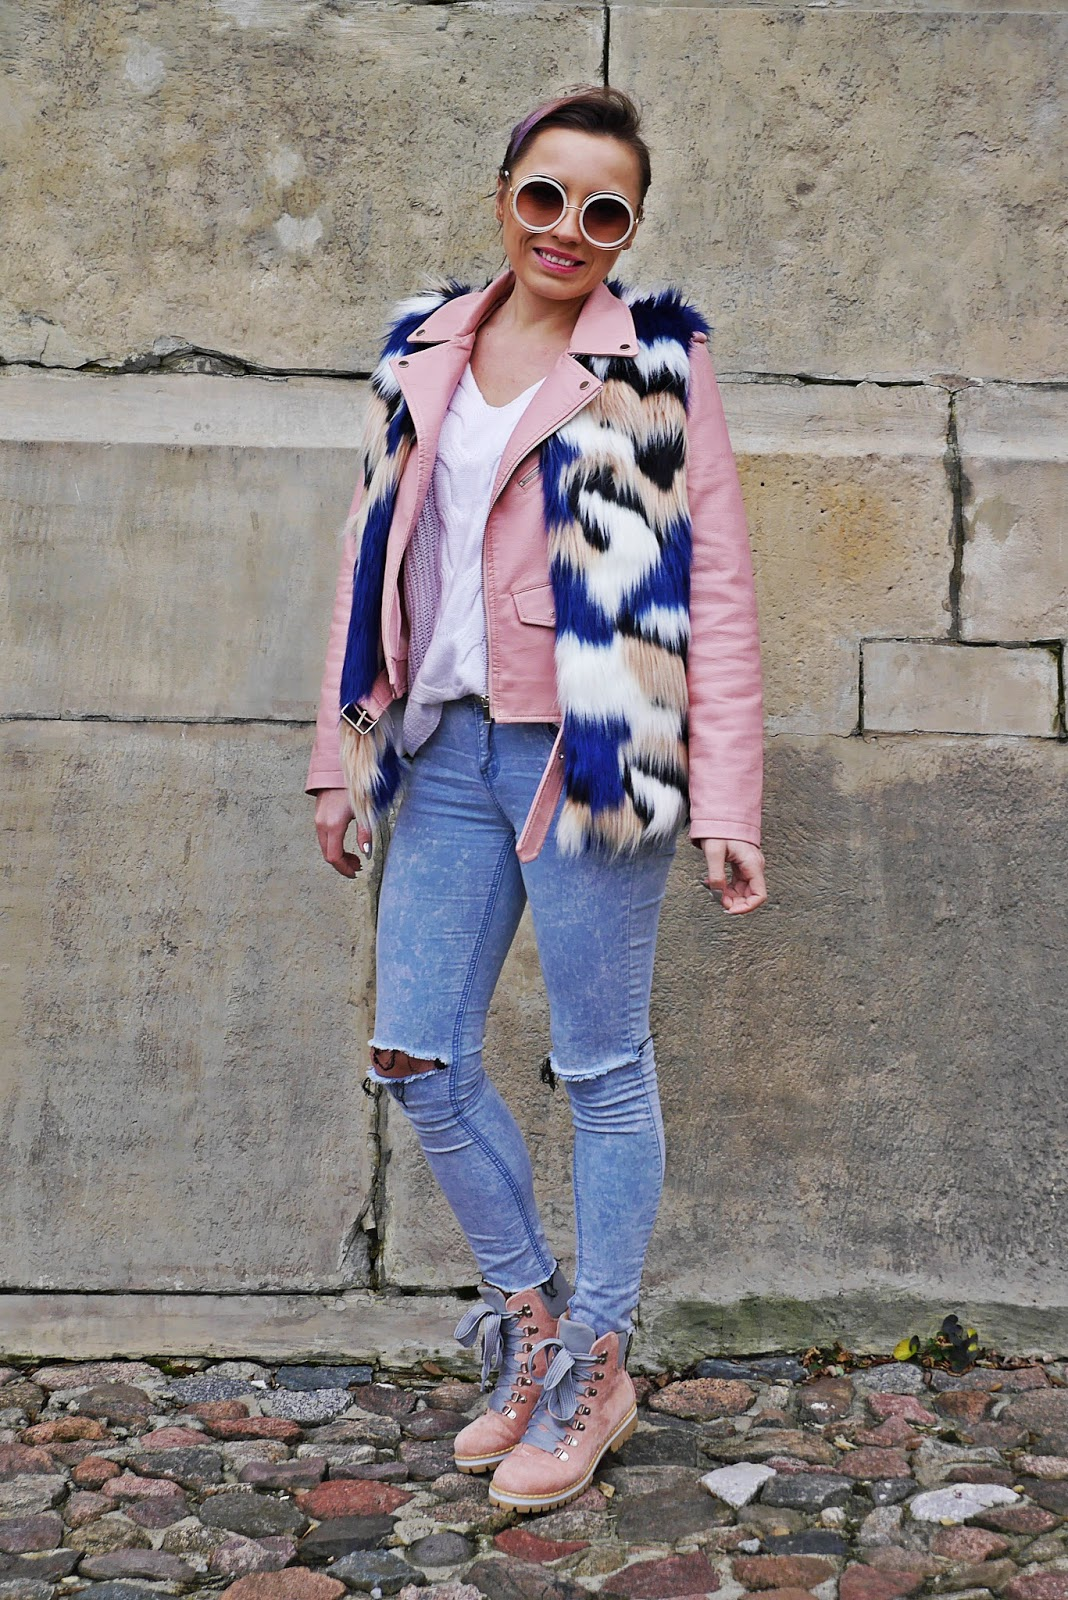 1_fur_vaist_pink_biker_jacket_jeans_buty_renee_karyn_blog_modowy_281217